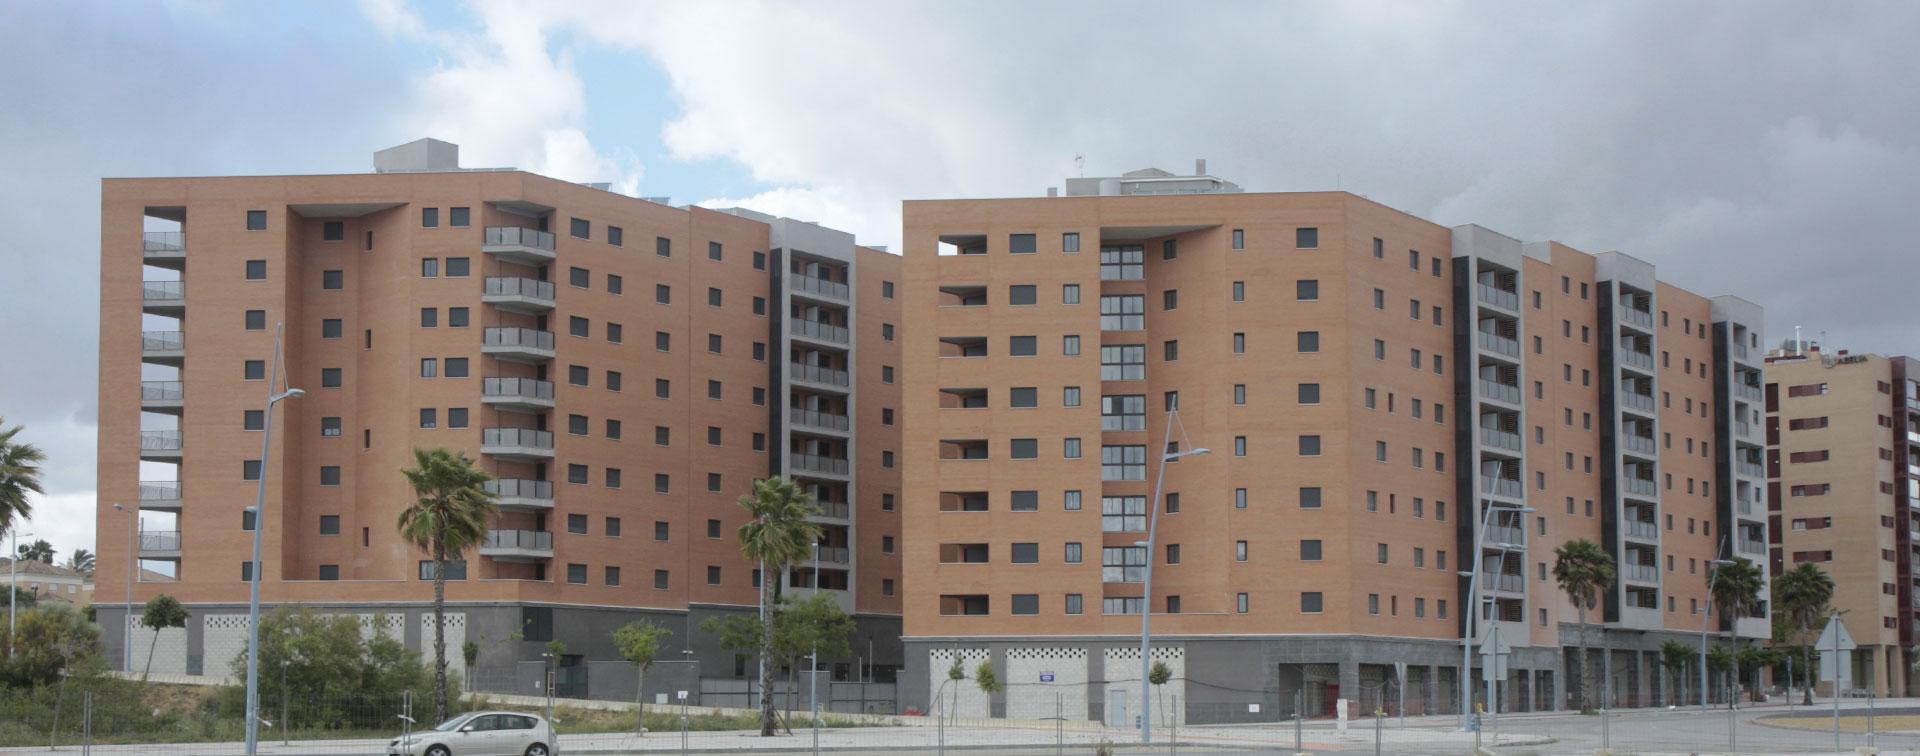 Residencial intercivitas venta de pisos de obra nueva en - Comprar casa dos hermanas ...